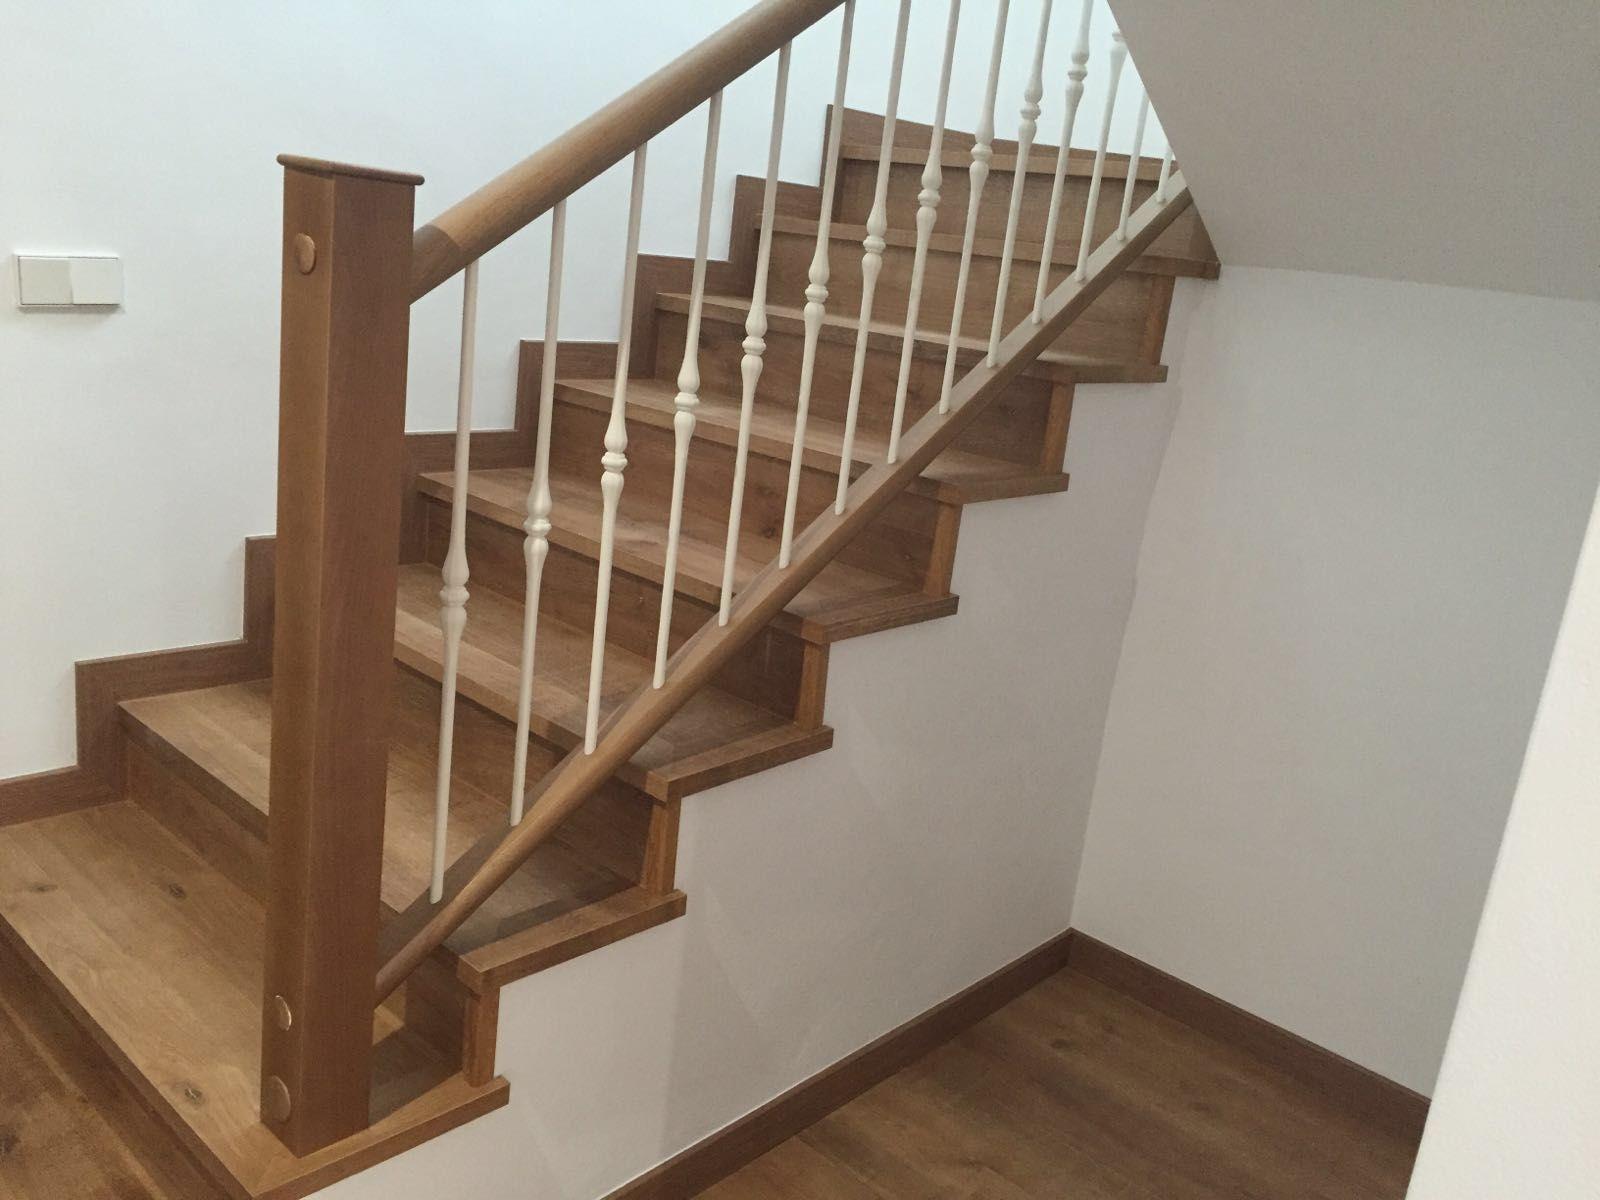 Barandilla De Madera Con Balaustres De Forja Pintados En Blanco  ~ Barandillas De Forja Para Escaleras De Interior